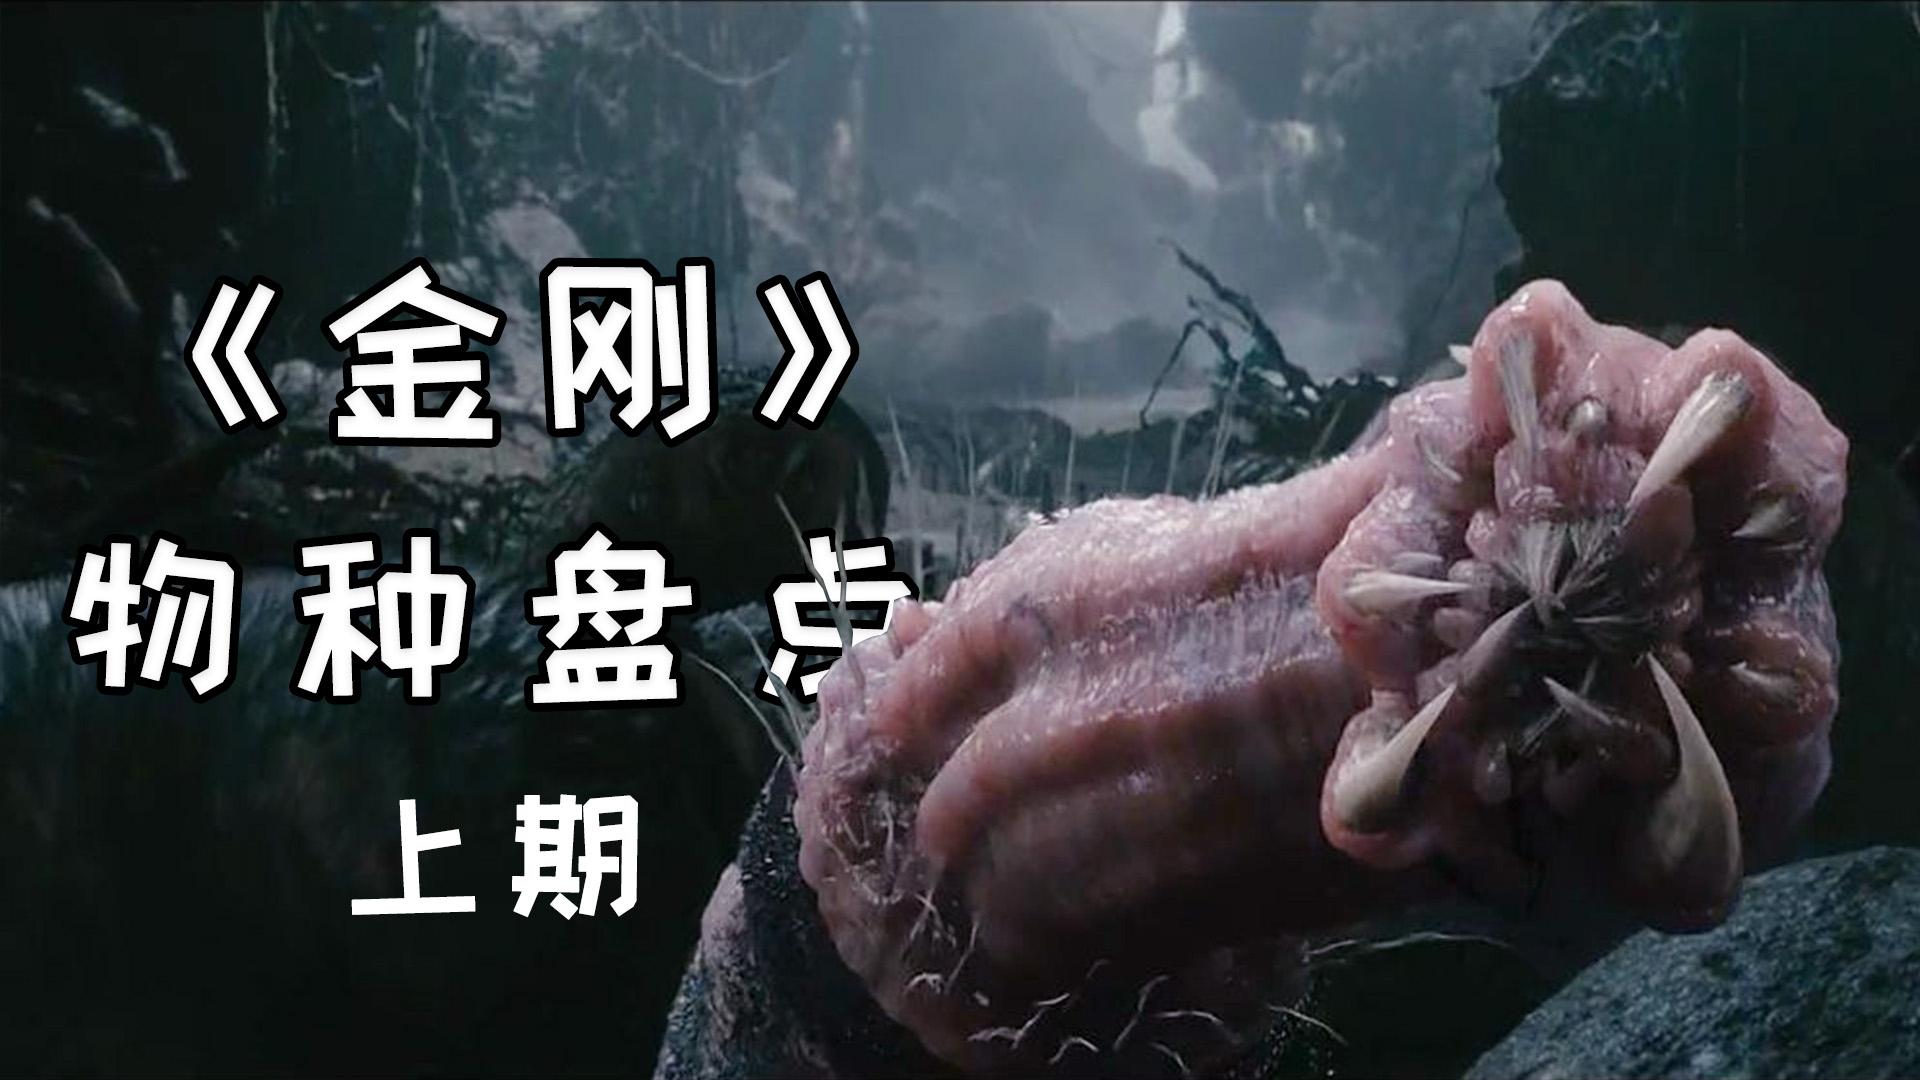 金刚骷髅岛中的物种大起底,可怕的神秘生物将是梦魇的开始